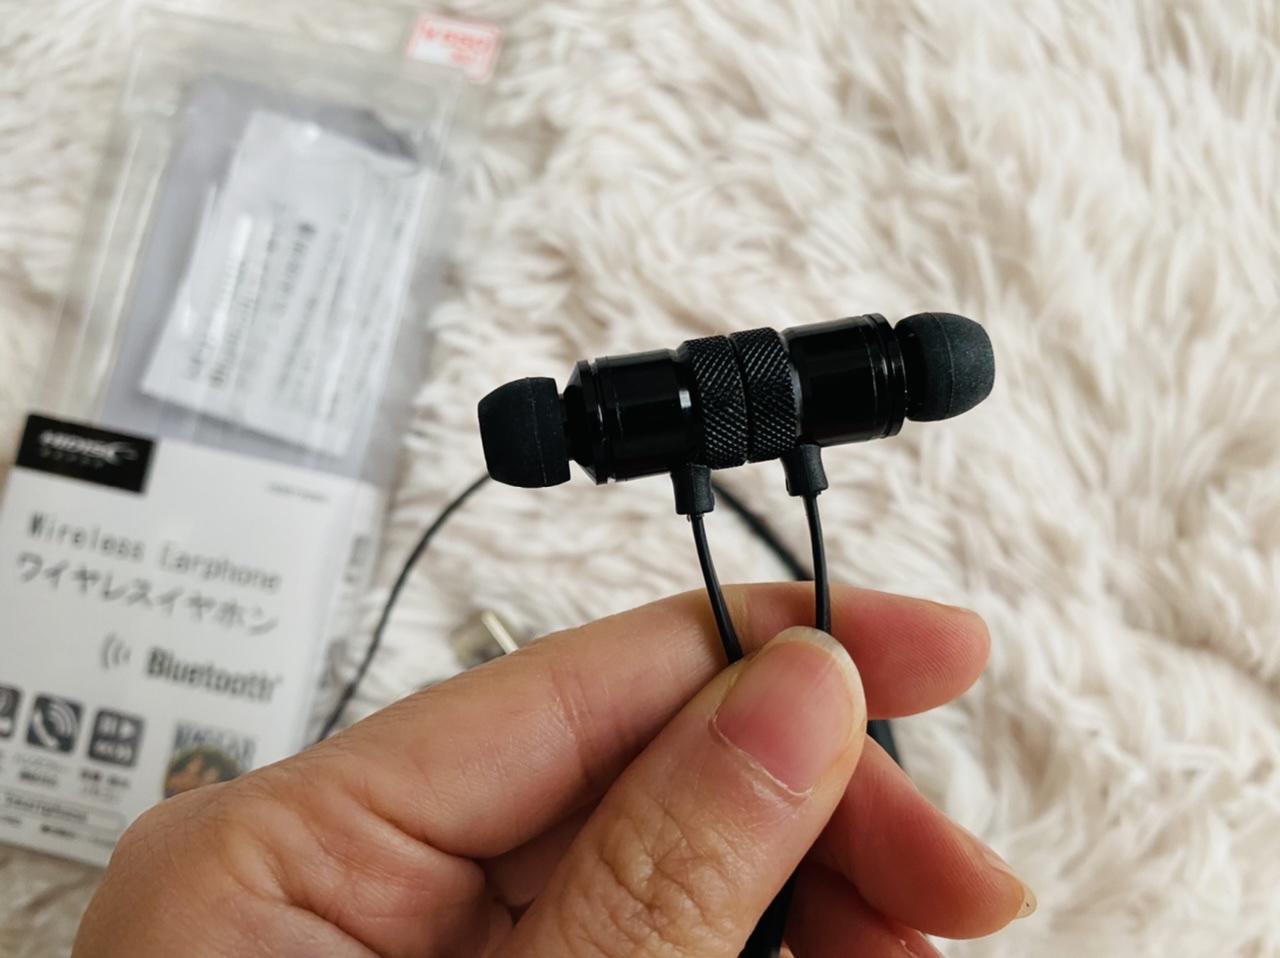 【ダイソー】衝撃の500円!?コスパ最強《Bluetoothワイヤレスイヤホン》が超優秀♡_4